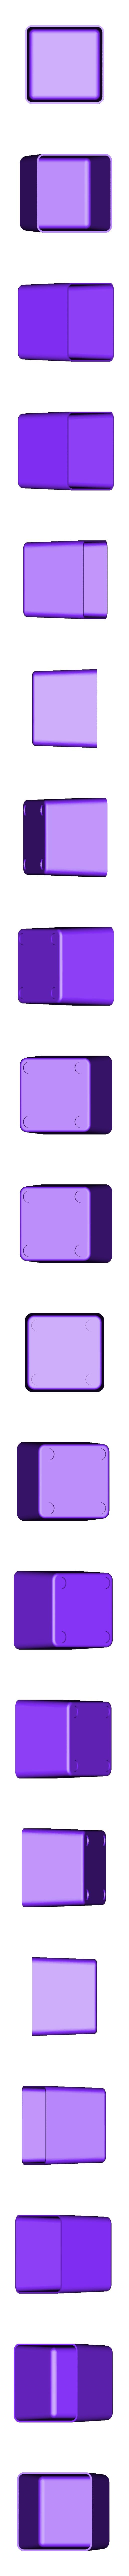 1-1__V1.stl Download STL file Allit Europlus organizer boxes • 3D printable model, baracuda86